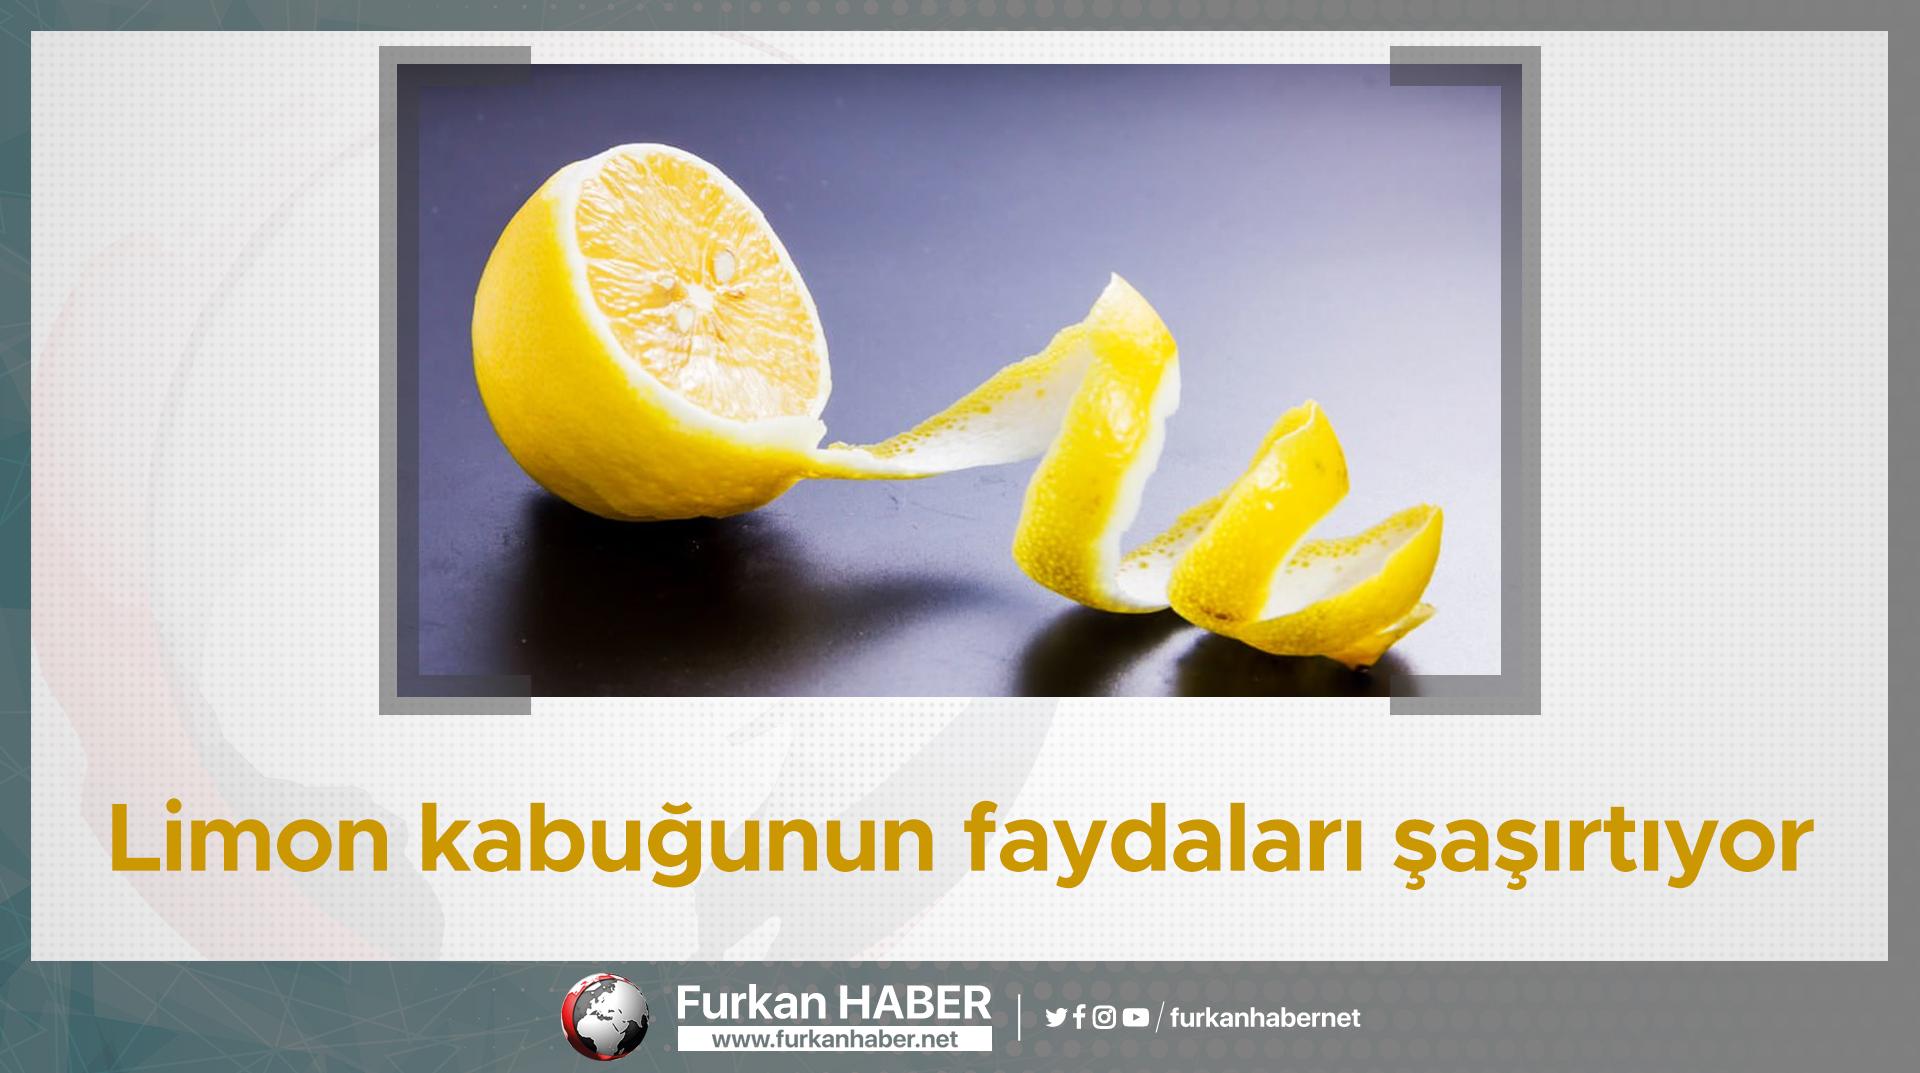 Limon kabuğunun faydaları şaşırtıyor